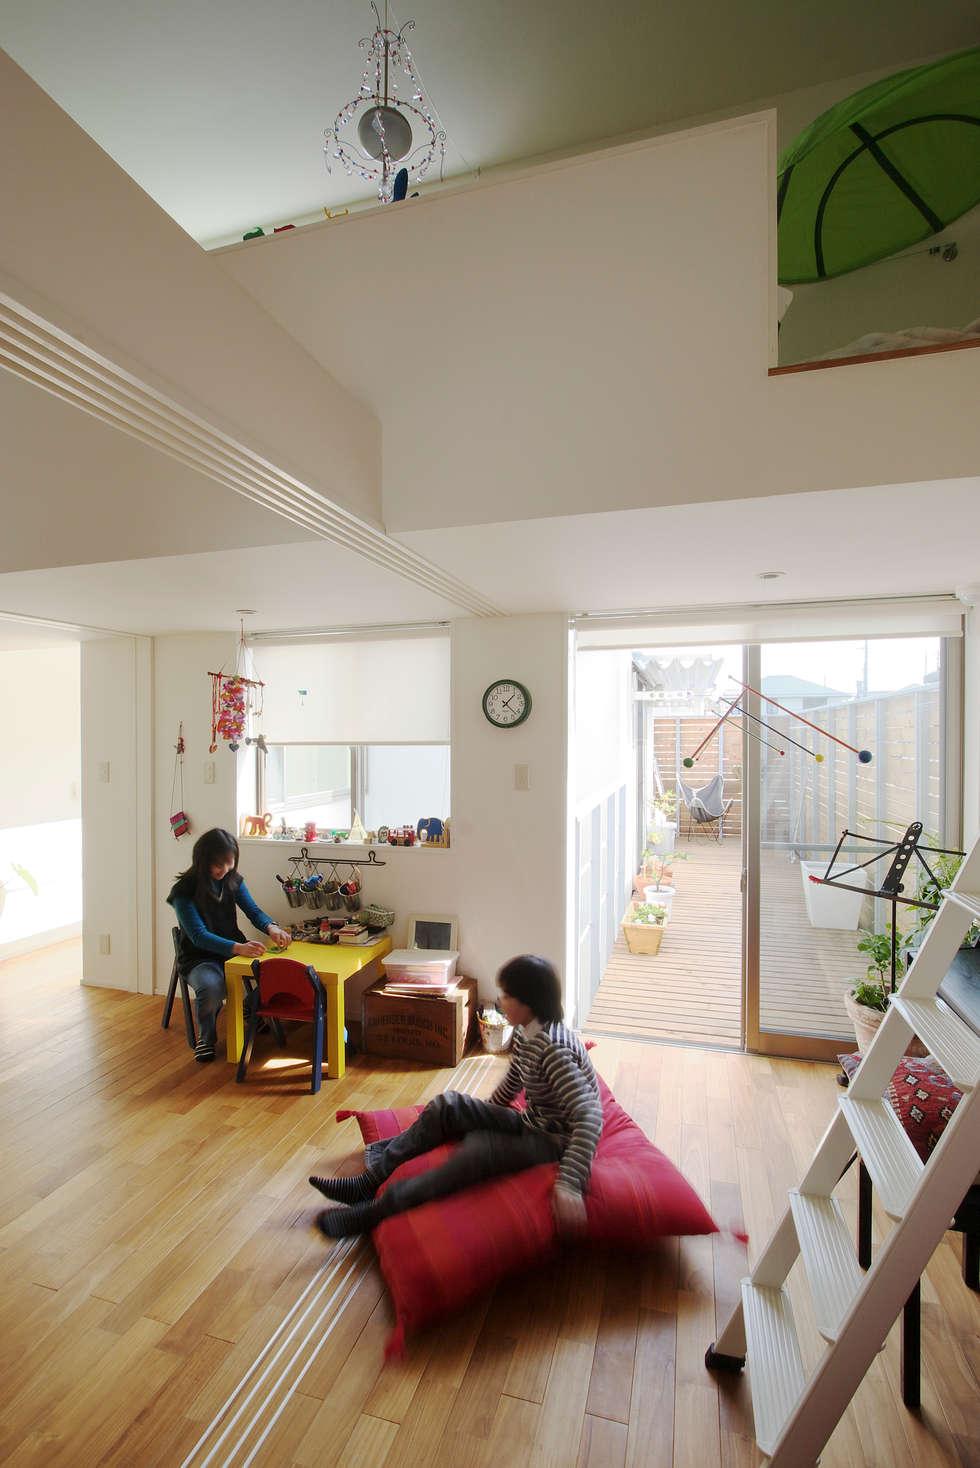 市川の家: 長浜信幸建築設計事務所が手掛けた子供部屋です。